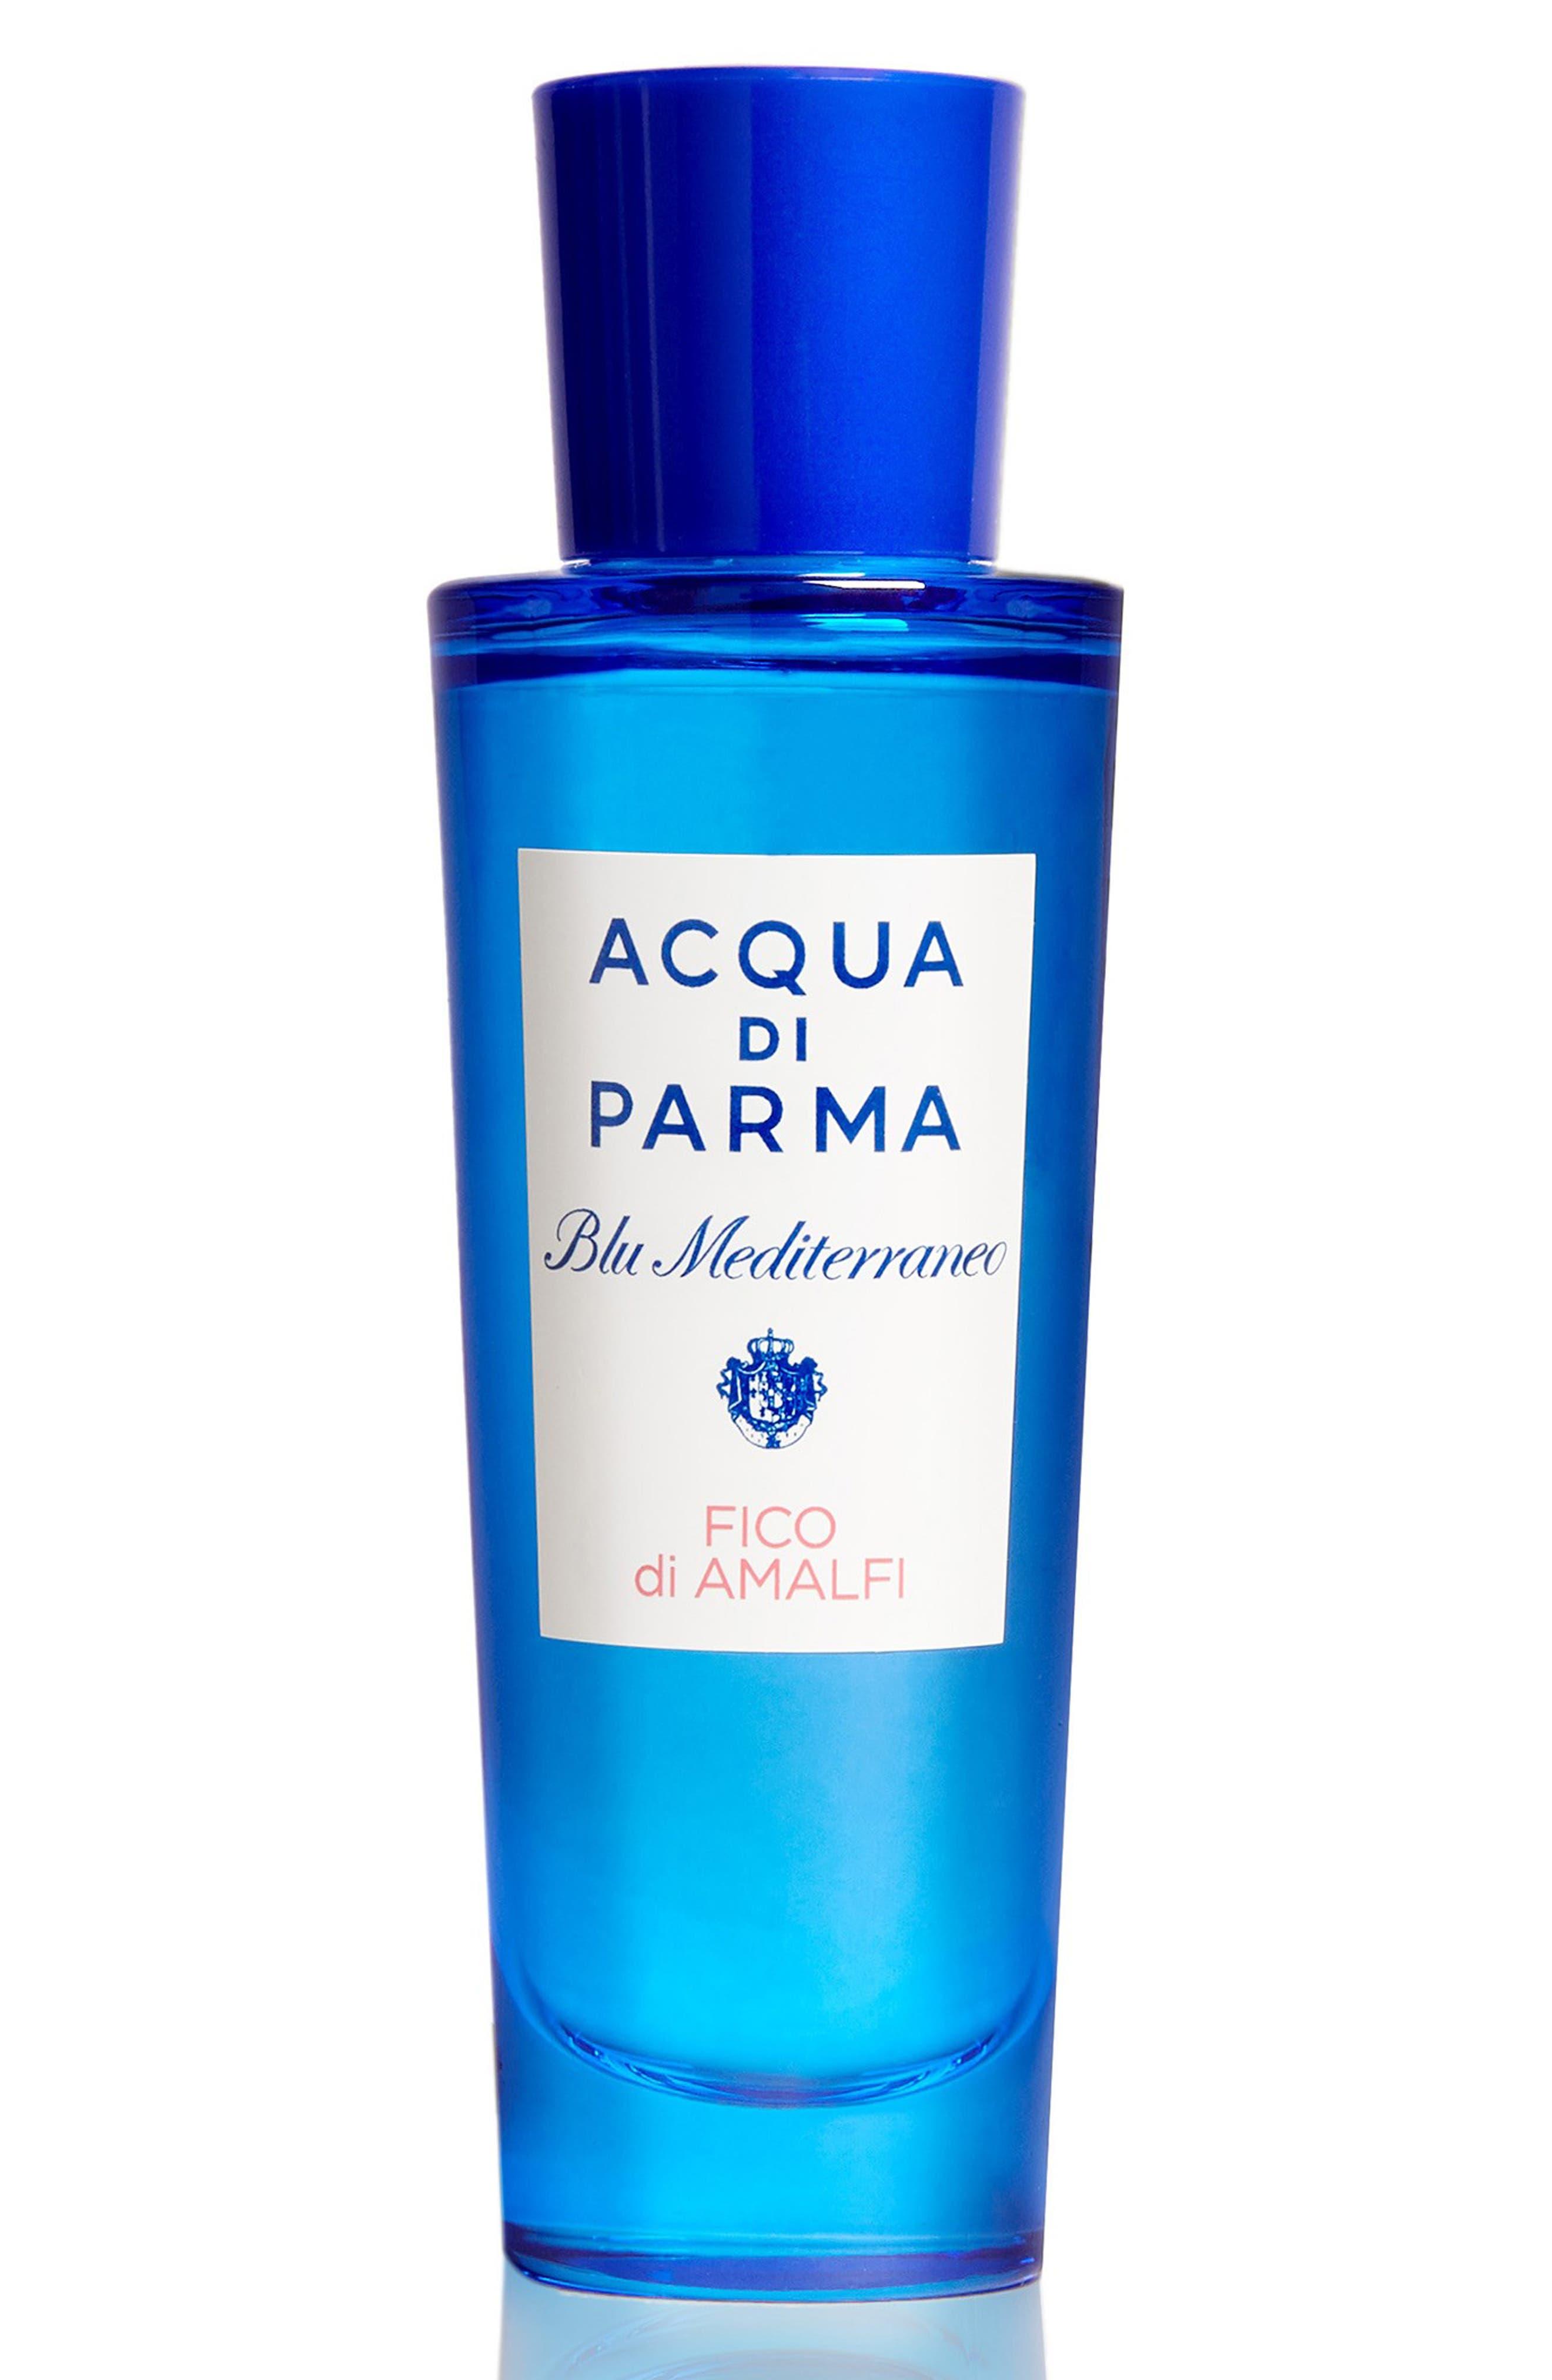 ACQUA DI PARMA, 'Blu Mediterraneo' Fico di Amalfi Eau de Toilette Spray, Alternate thumbnail 8, color, NO COLOR